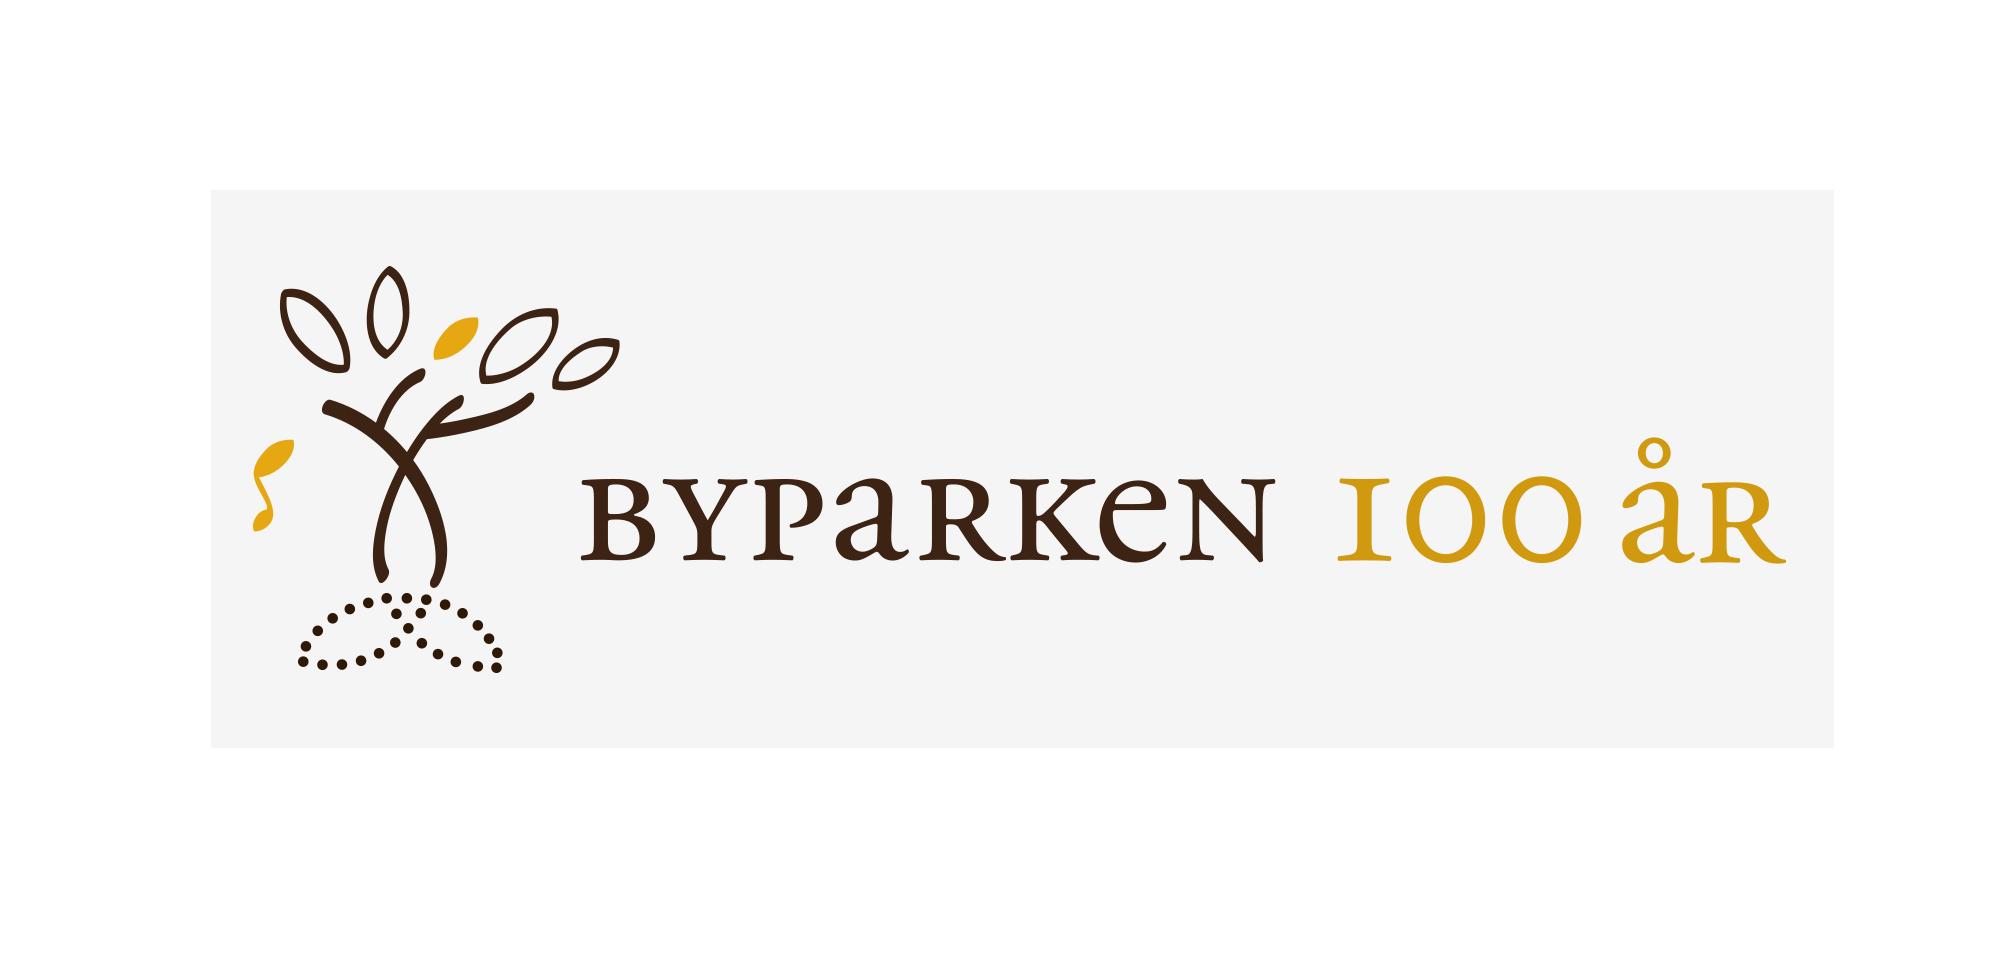 Logo for Byparken 100 år